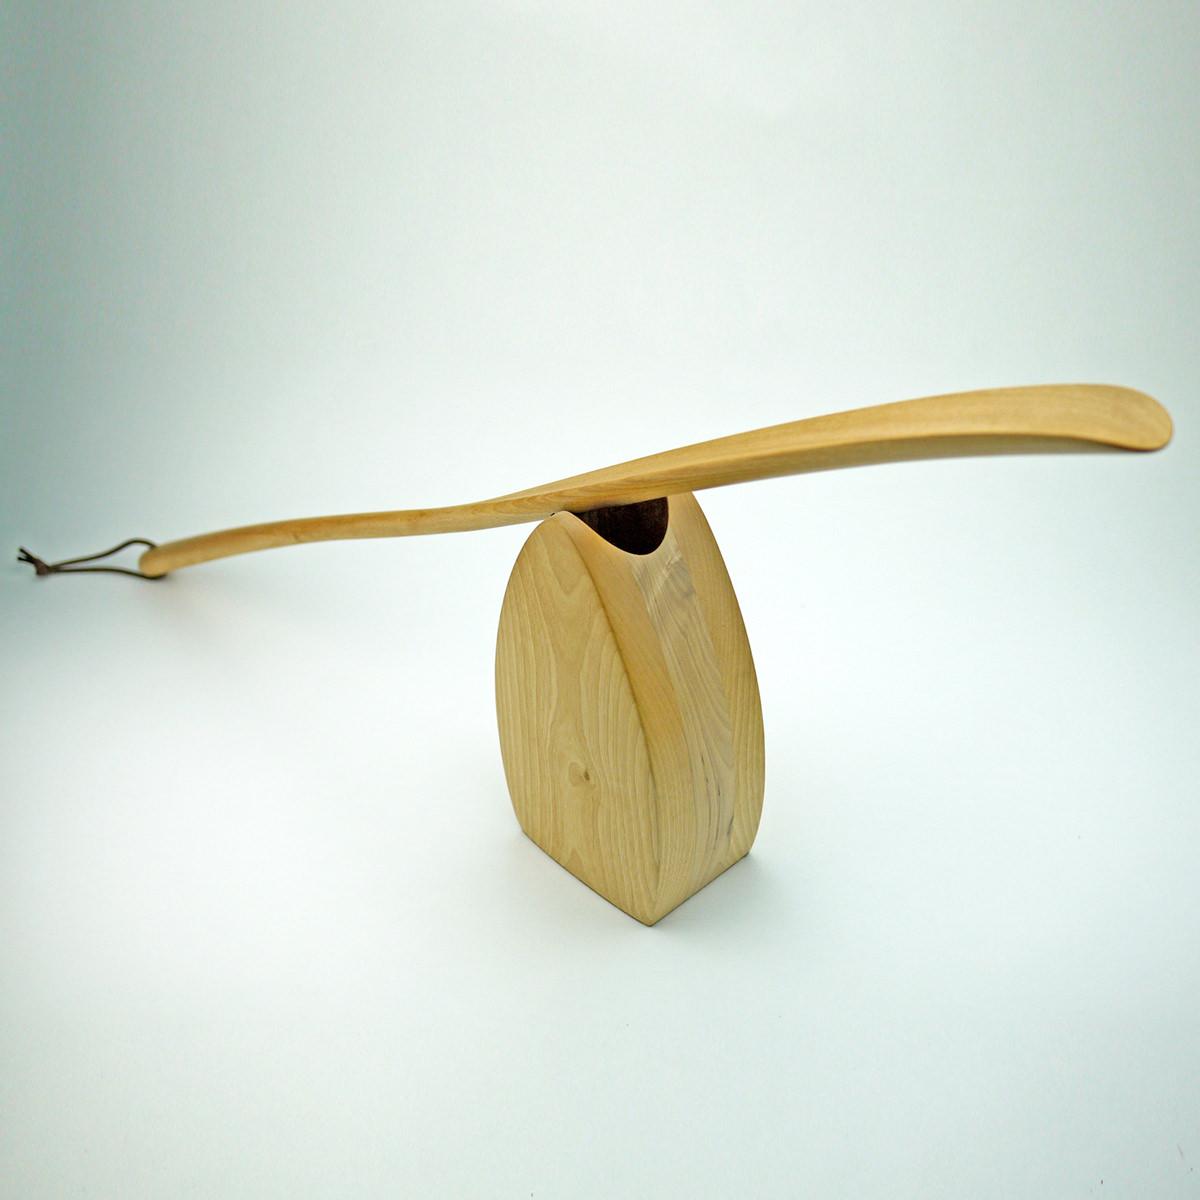 プラム工芸 斧折樺のロング靴べらセット〔くつべら×1・スタンド×1〕